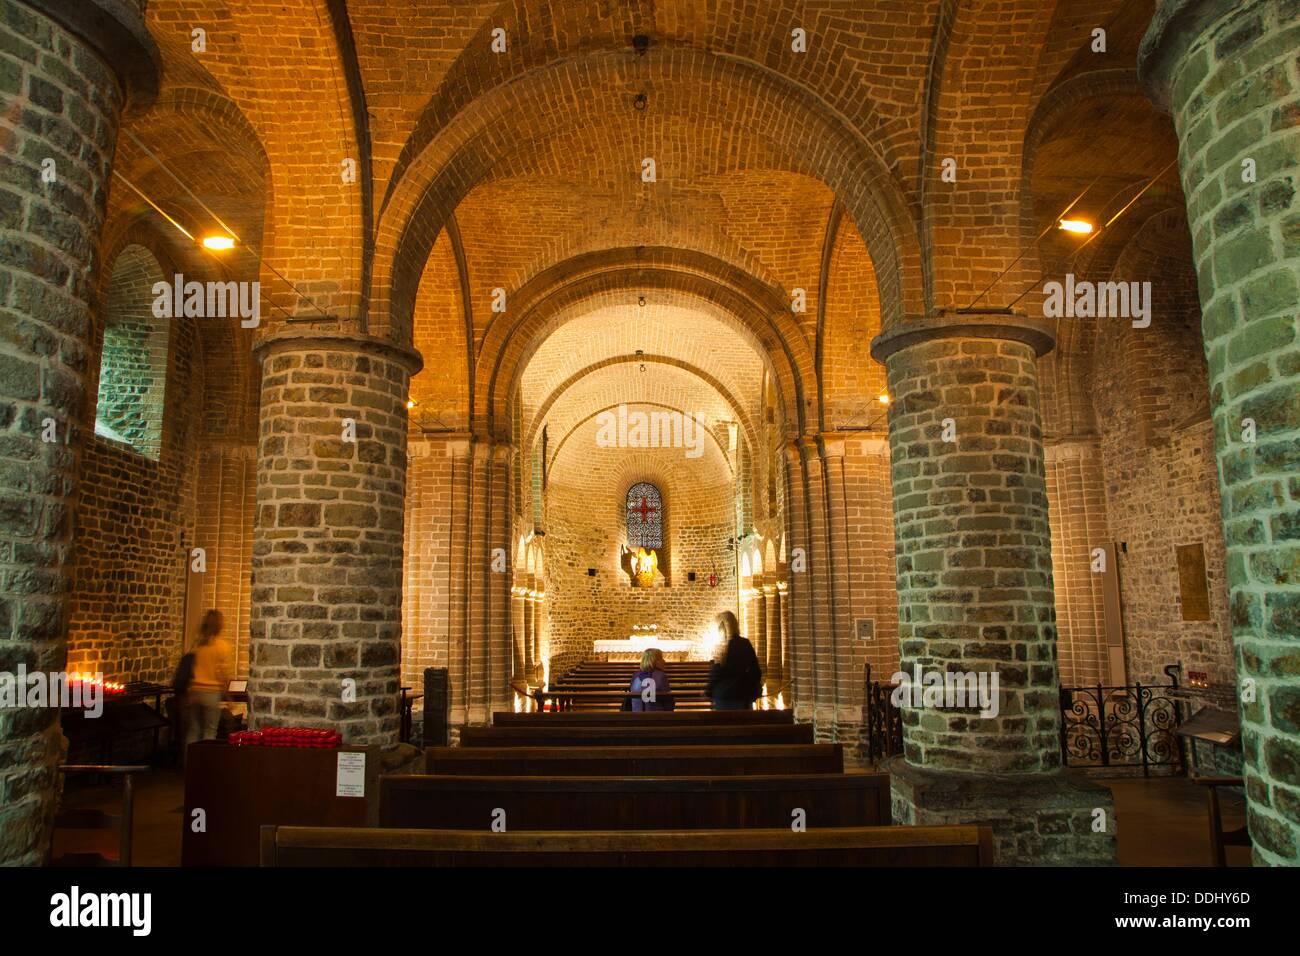 La parte inferior de la capilla de la Iglesia del Santo Basilican sangre del siglo XII la plaza Burg de brujas, brujas, Flandes, Bélgica, la UNESCO Imagen De Stock